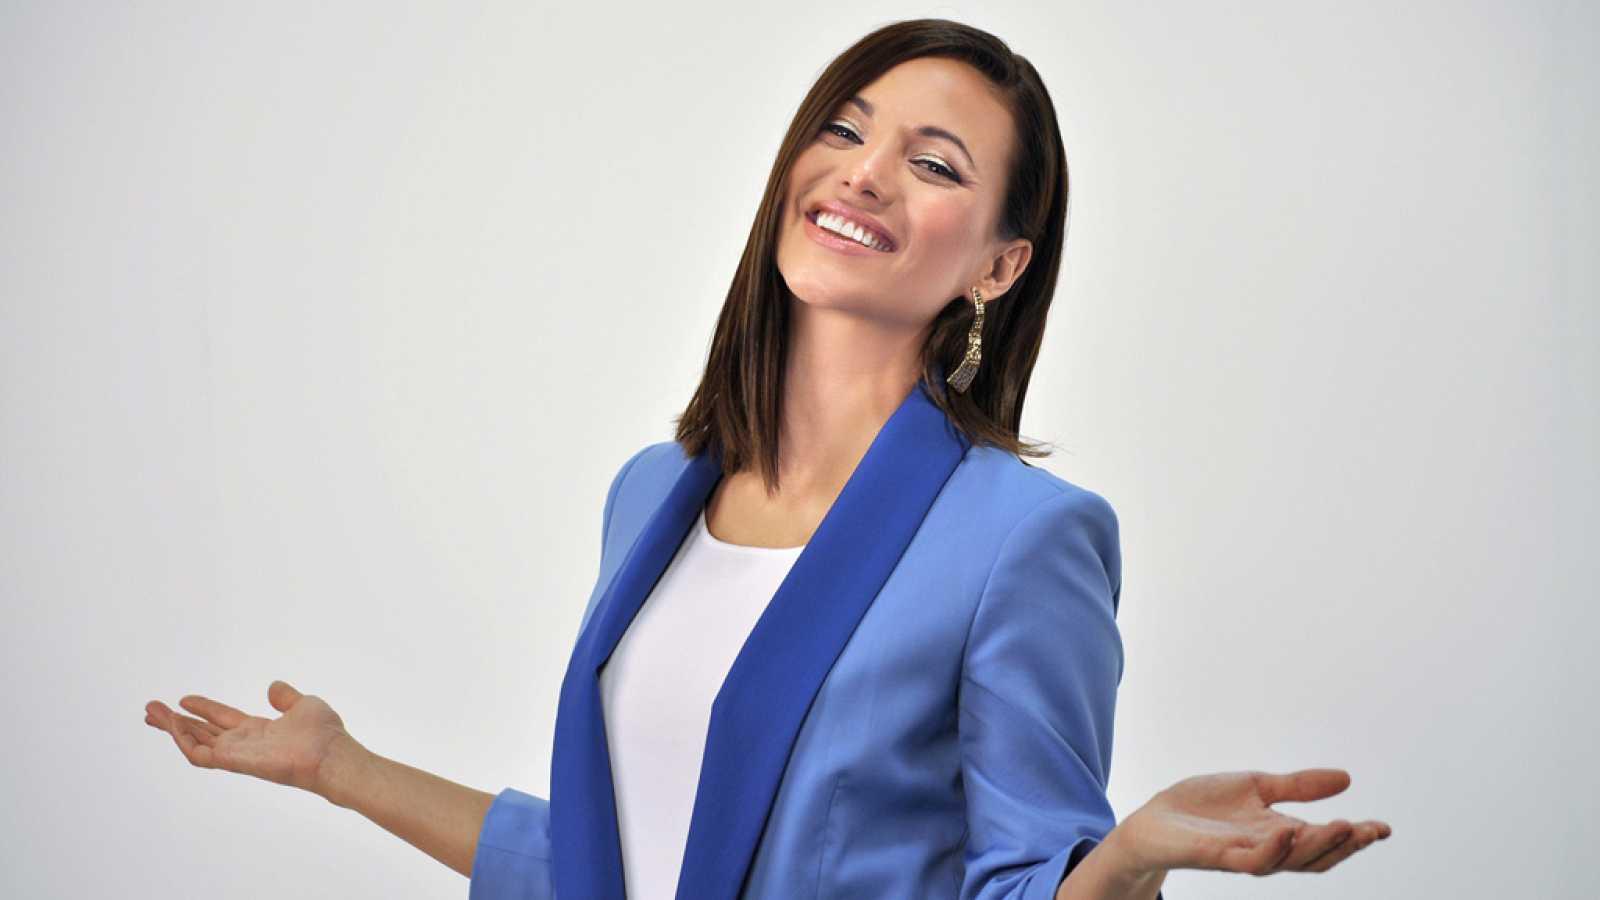 Corazón - Elisa Mouliáa presenta 'TVemos', el nuevo programa de humor de La 1